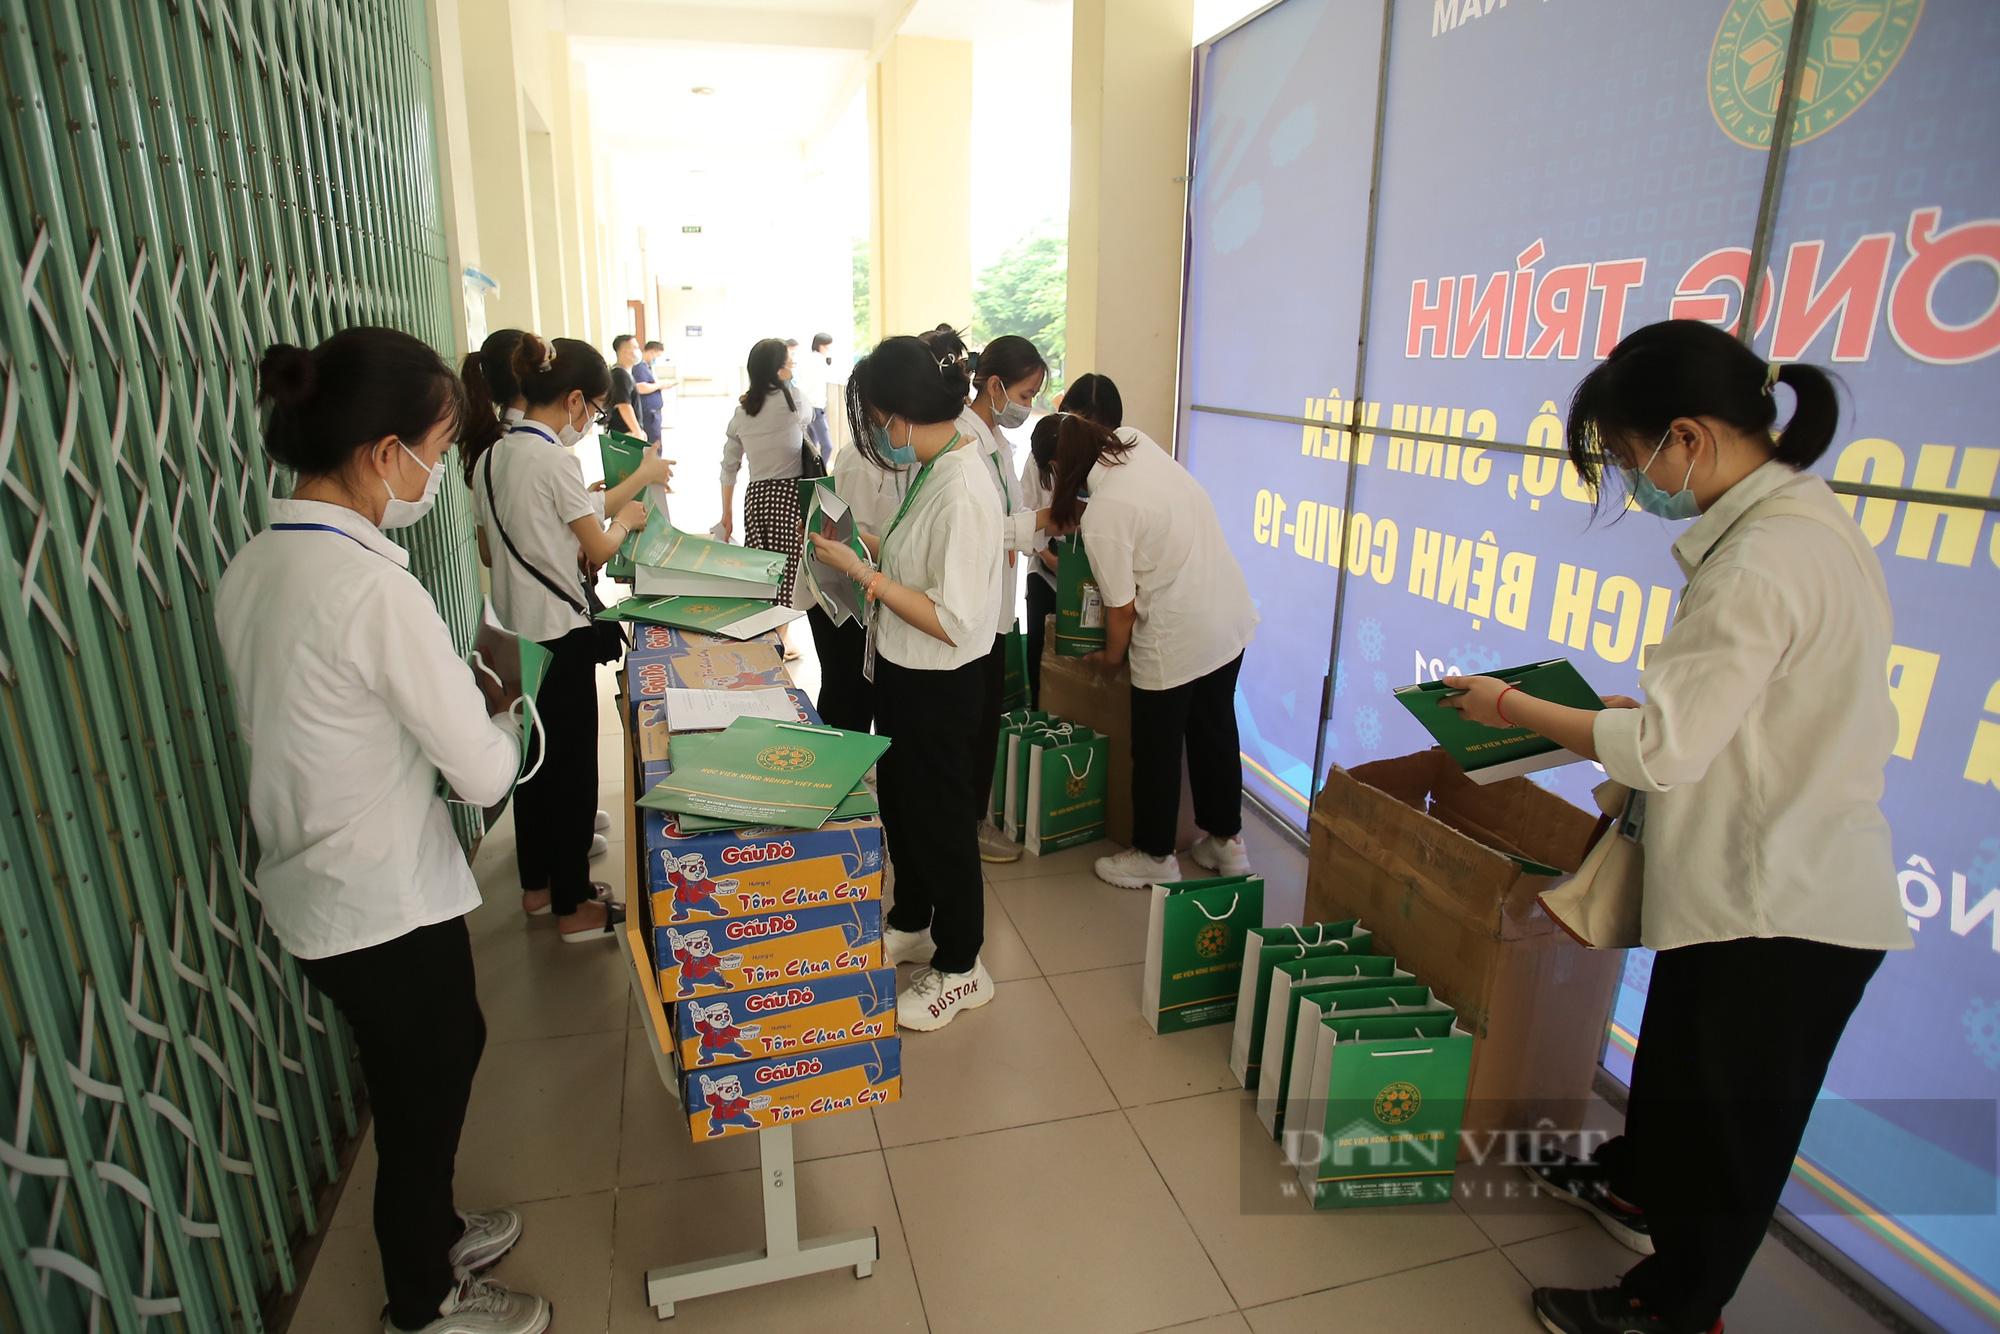 200 suất quà của bạn đọc Báo NTNN/Điện tử Dân Việt được trao đến tay sinh viên Học viện Nông nghiệp Việt Nam - Ảnh 5.